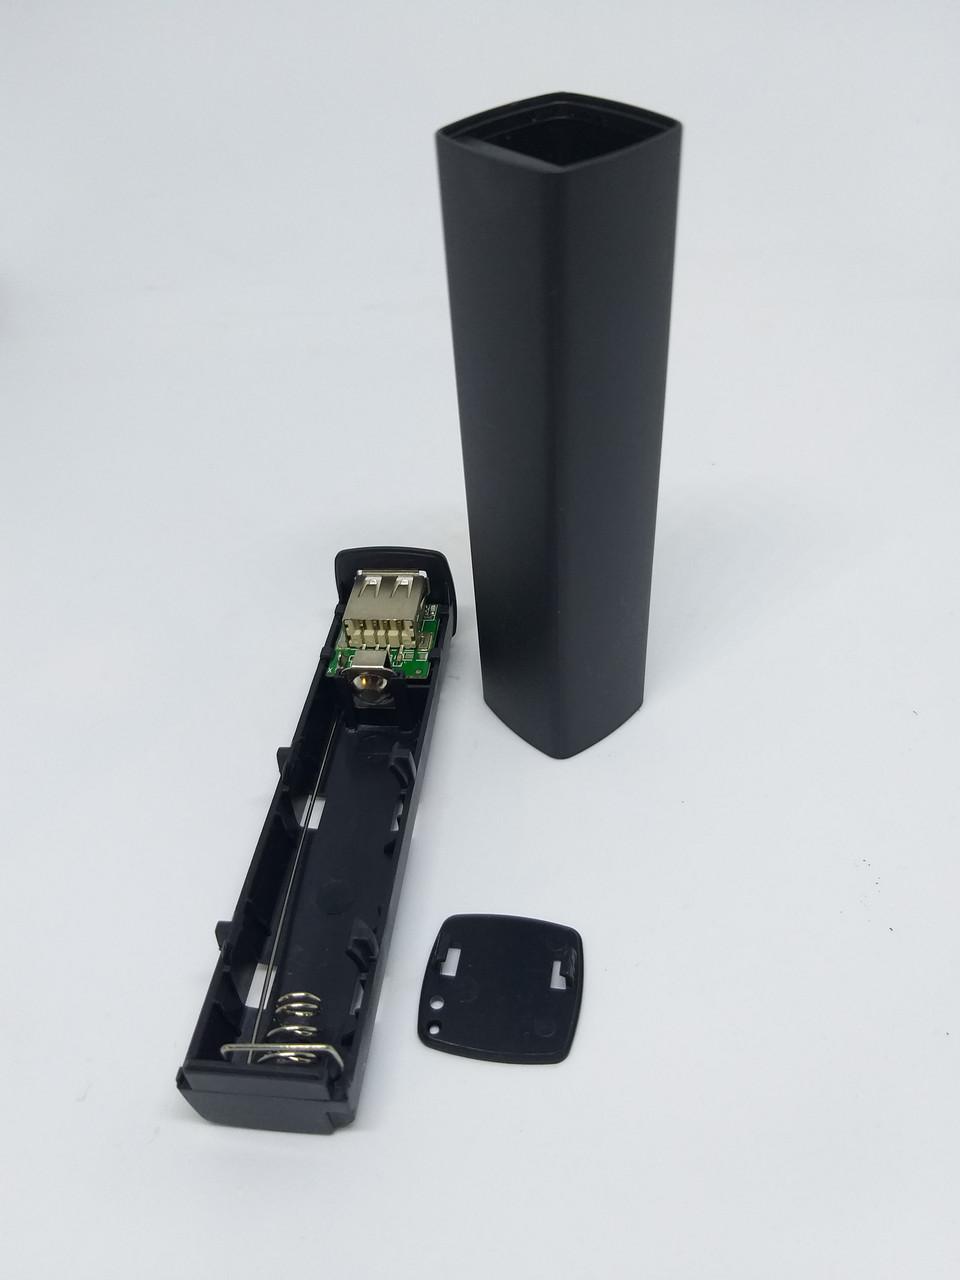 Корпус power bank. 5 В 1.0A бокс на 1X18650 светодиодный индикатор Внешнее Зарядное Устройство